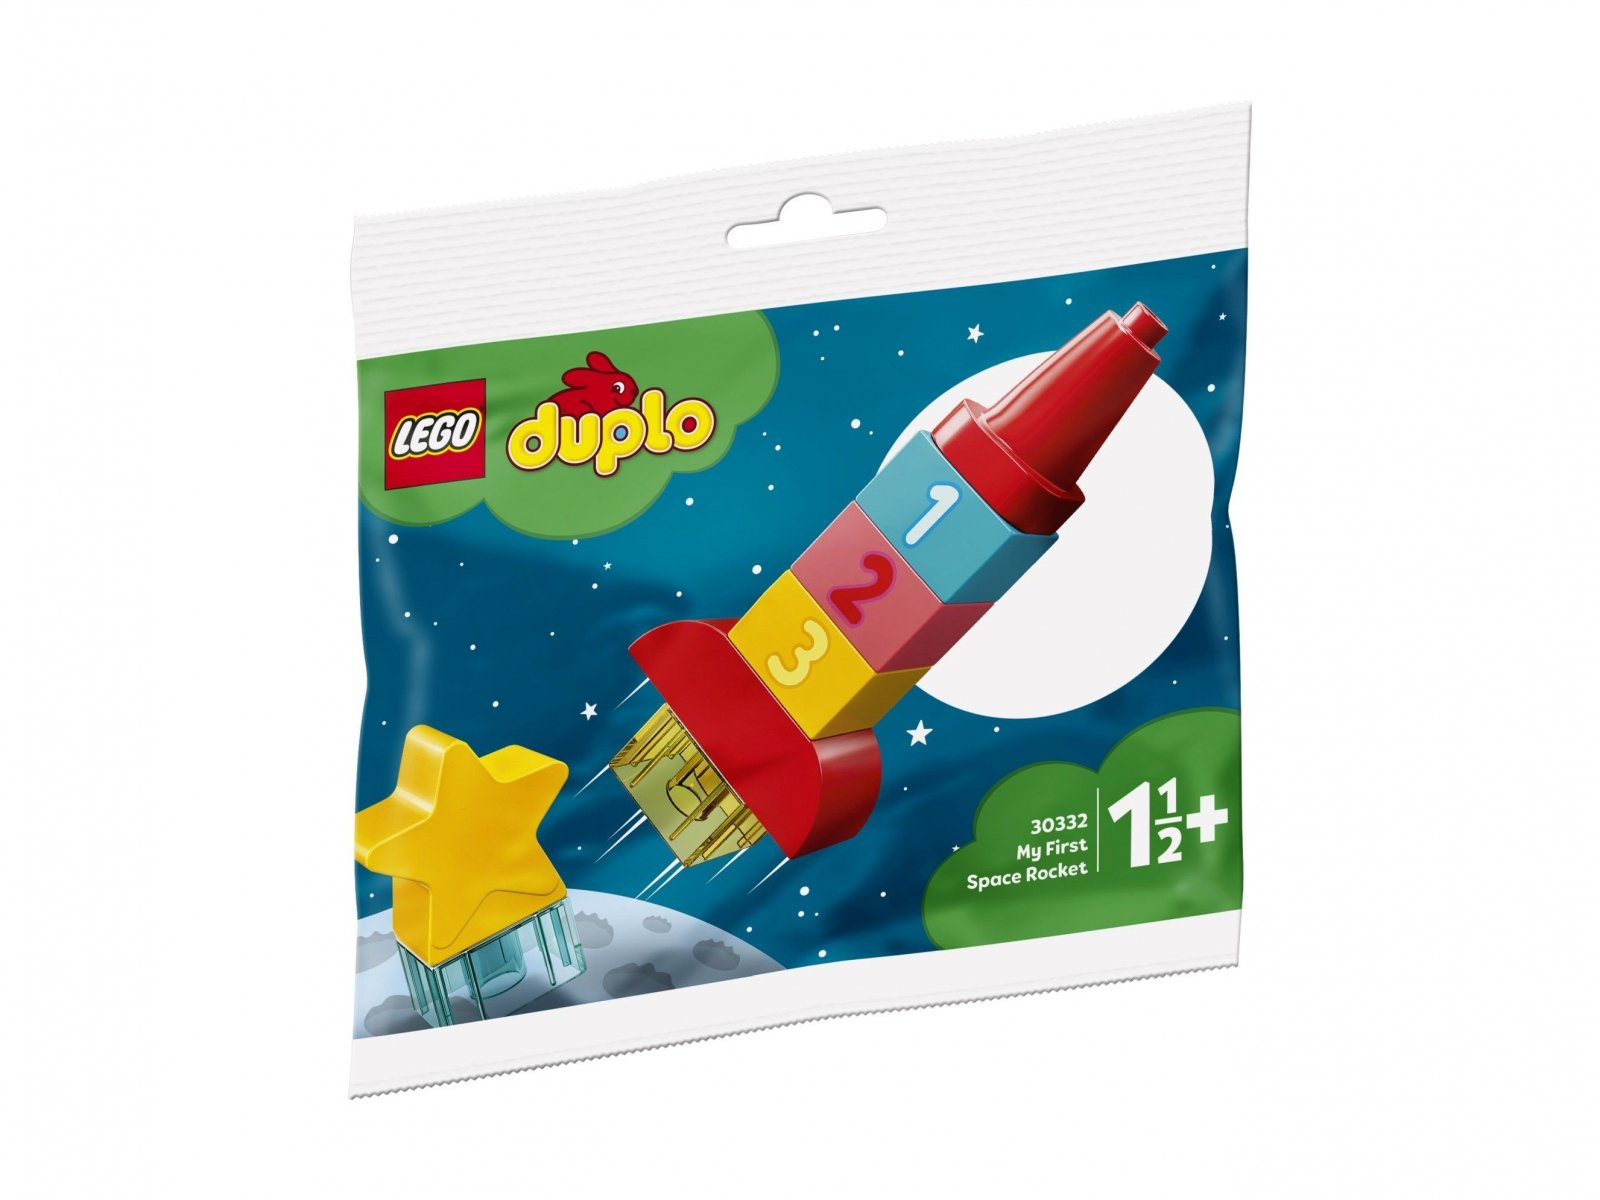 LEGO 30332 Duplo Moja pierwsza rakieta kosmiczna